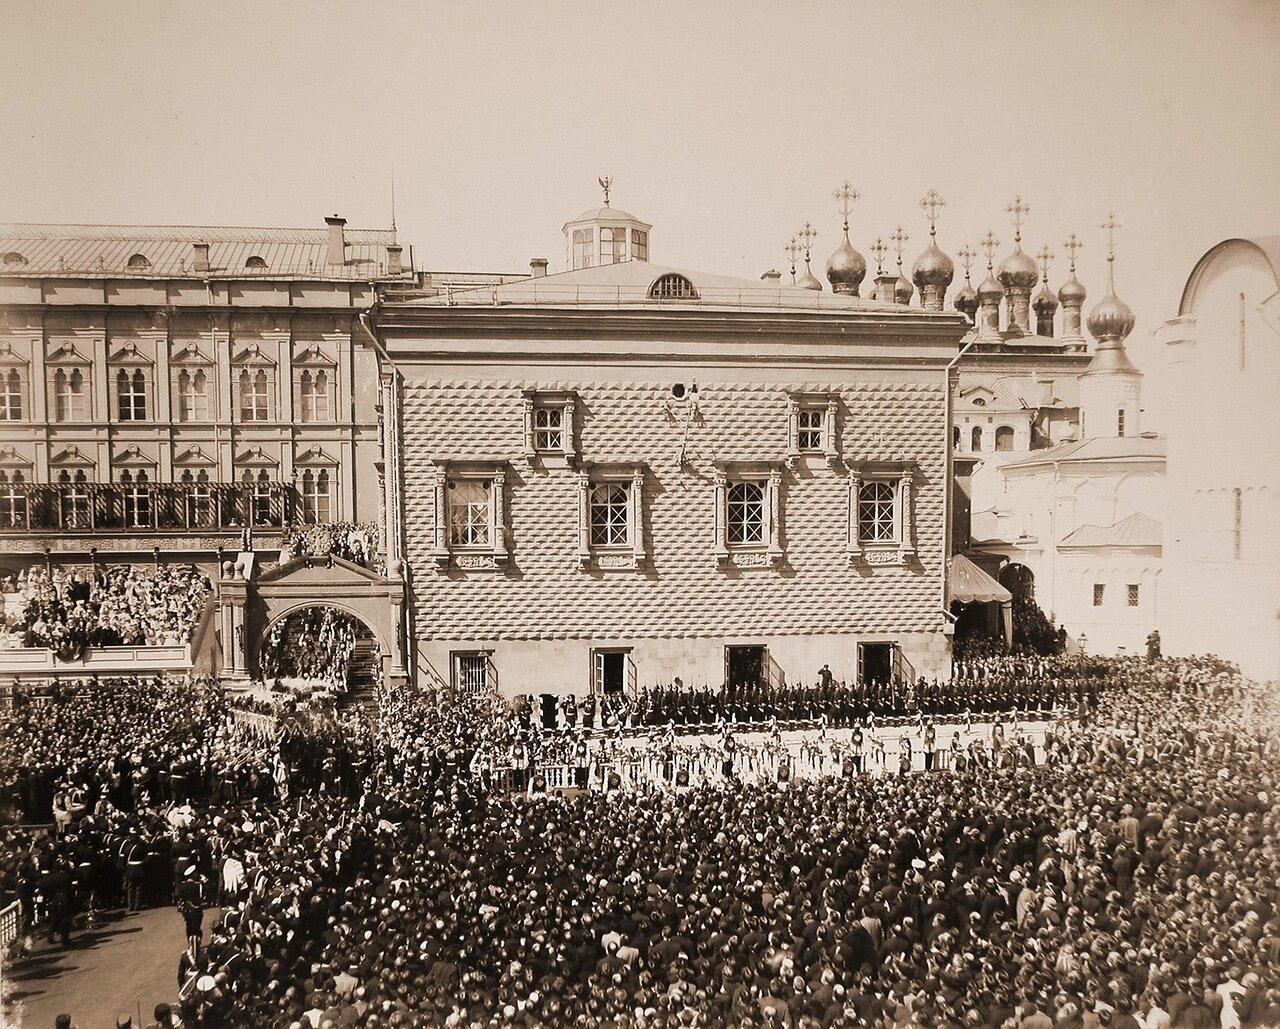 Император Николай II и императрица Александра Федоровна, шествующие под балдахином, в сопровождении свиты направляются в Успенский собор; по ступеням Красного крыльца спускается взвод лейб-гвардии Кавалергардского полка